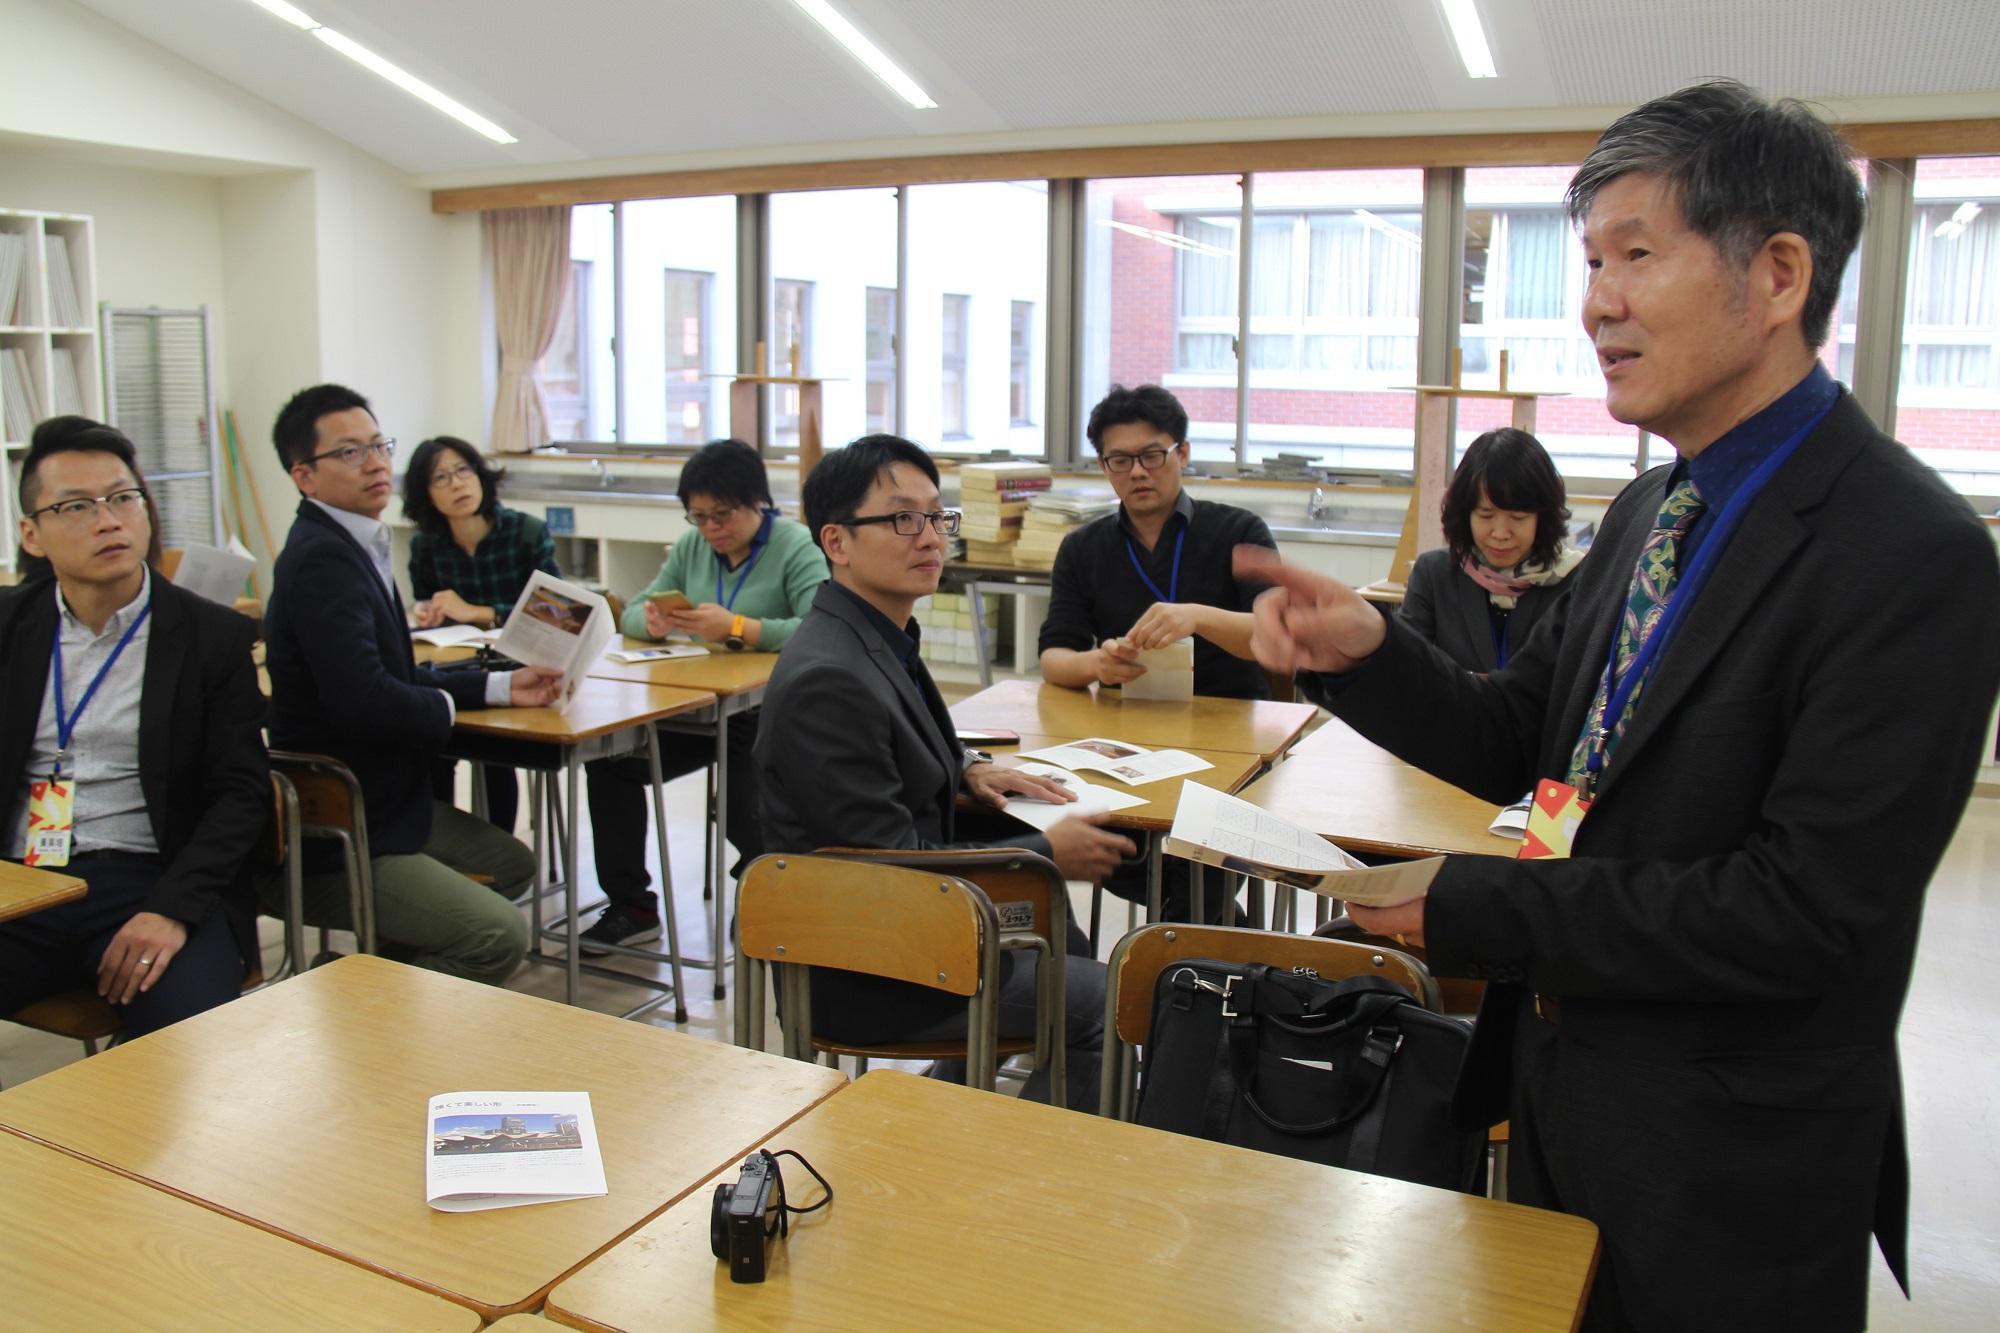 臺北市立大學視覺藝術學系高震峰教授說明「同志社小學校」參訪重點